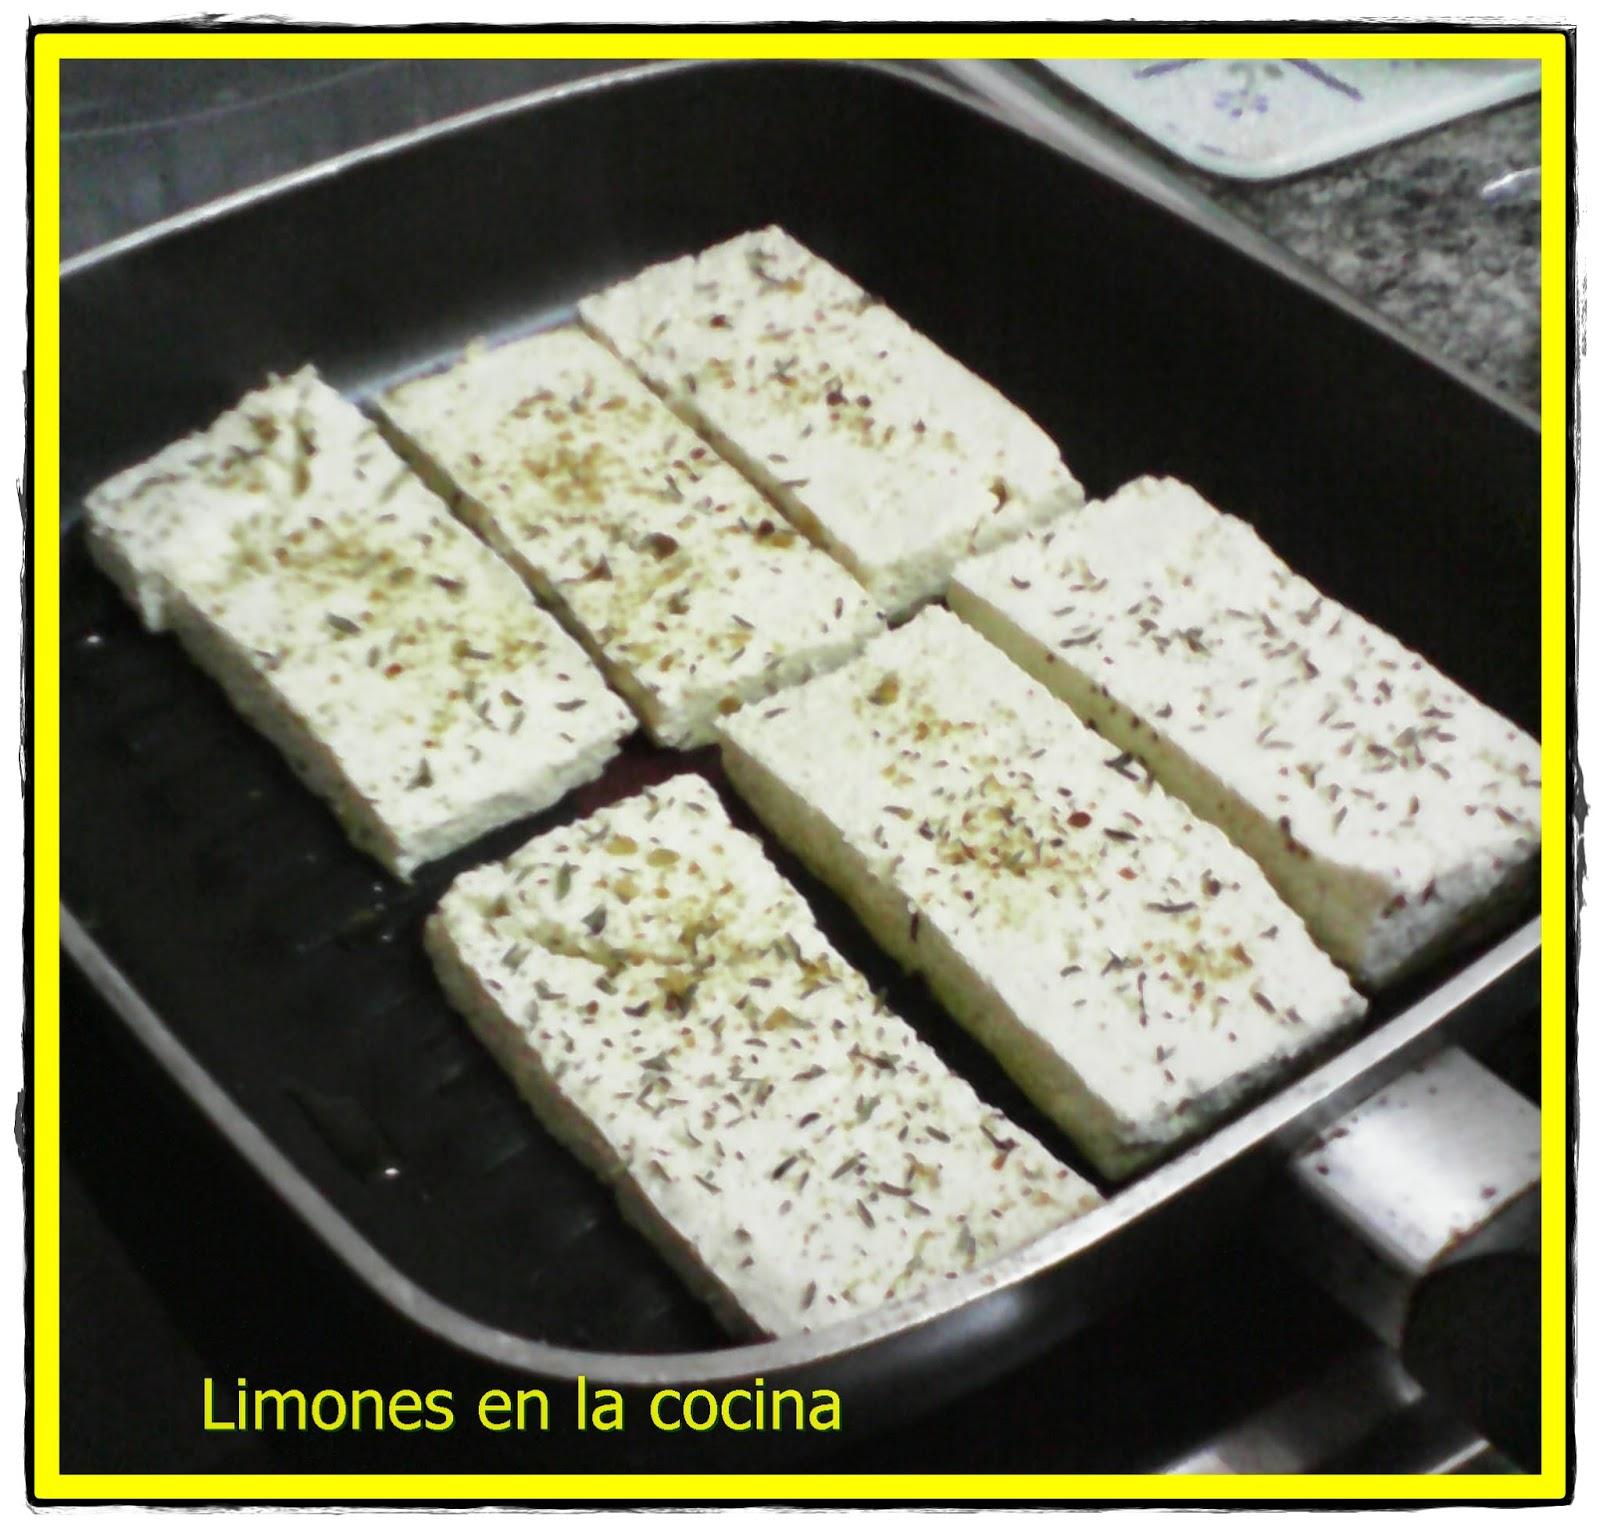 Limones en la cocina: Tofu a la plancha